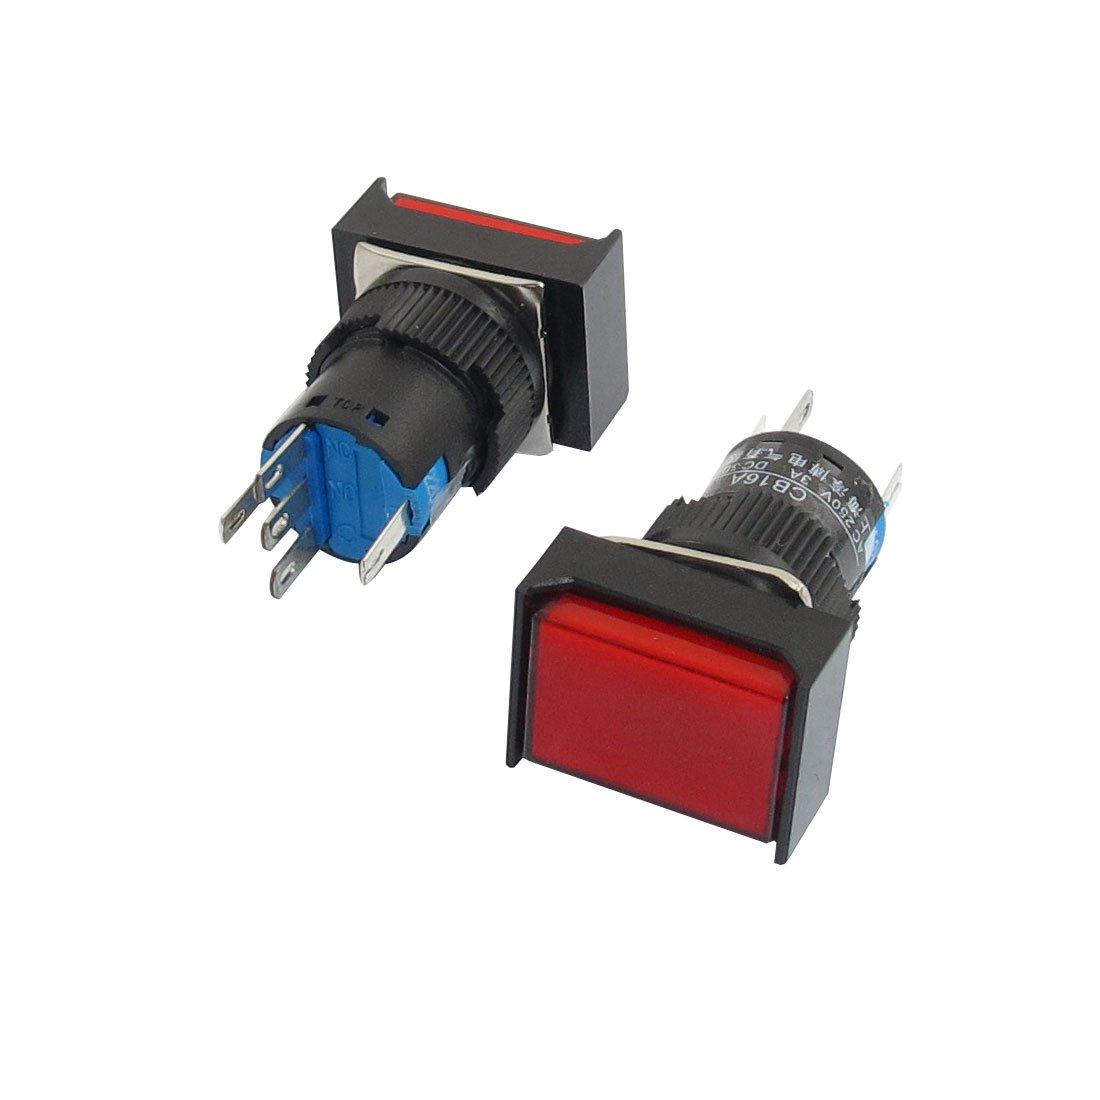 Aexit AC 220V L/ámpara 1NO 1NC Cierre rojo Bot/ón rectangular Interruptor de bot/ón pulsador 2Pcs model: Z8655IIIVII-2323AE